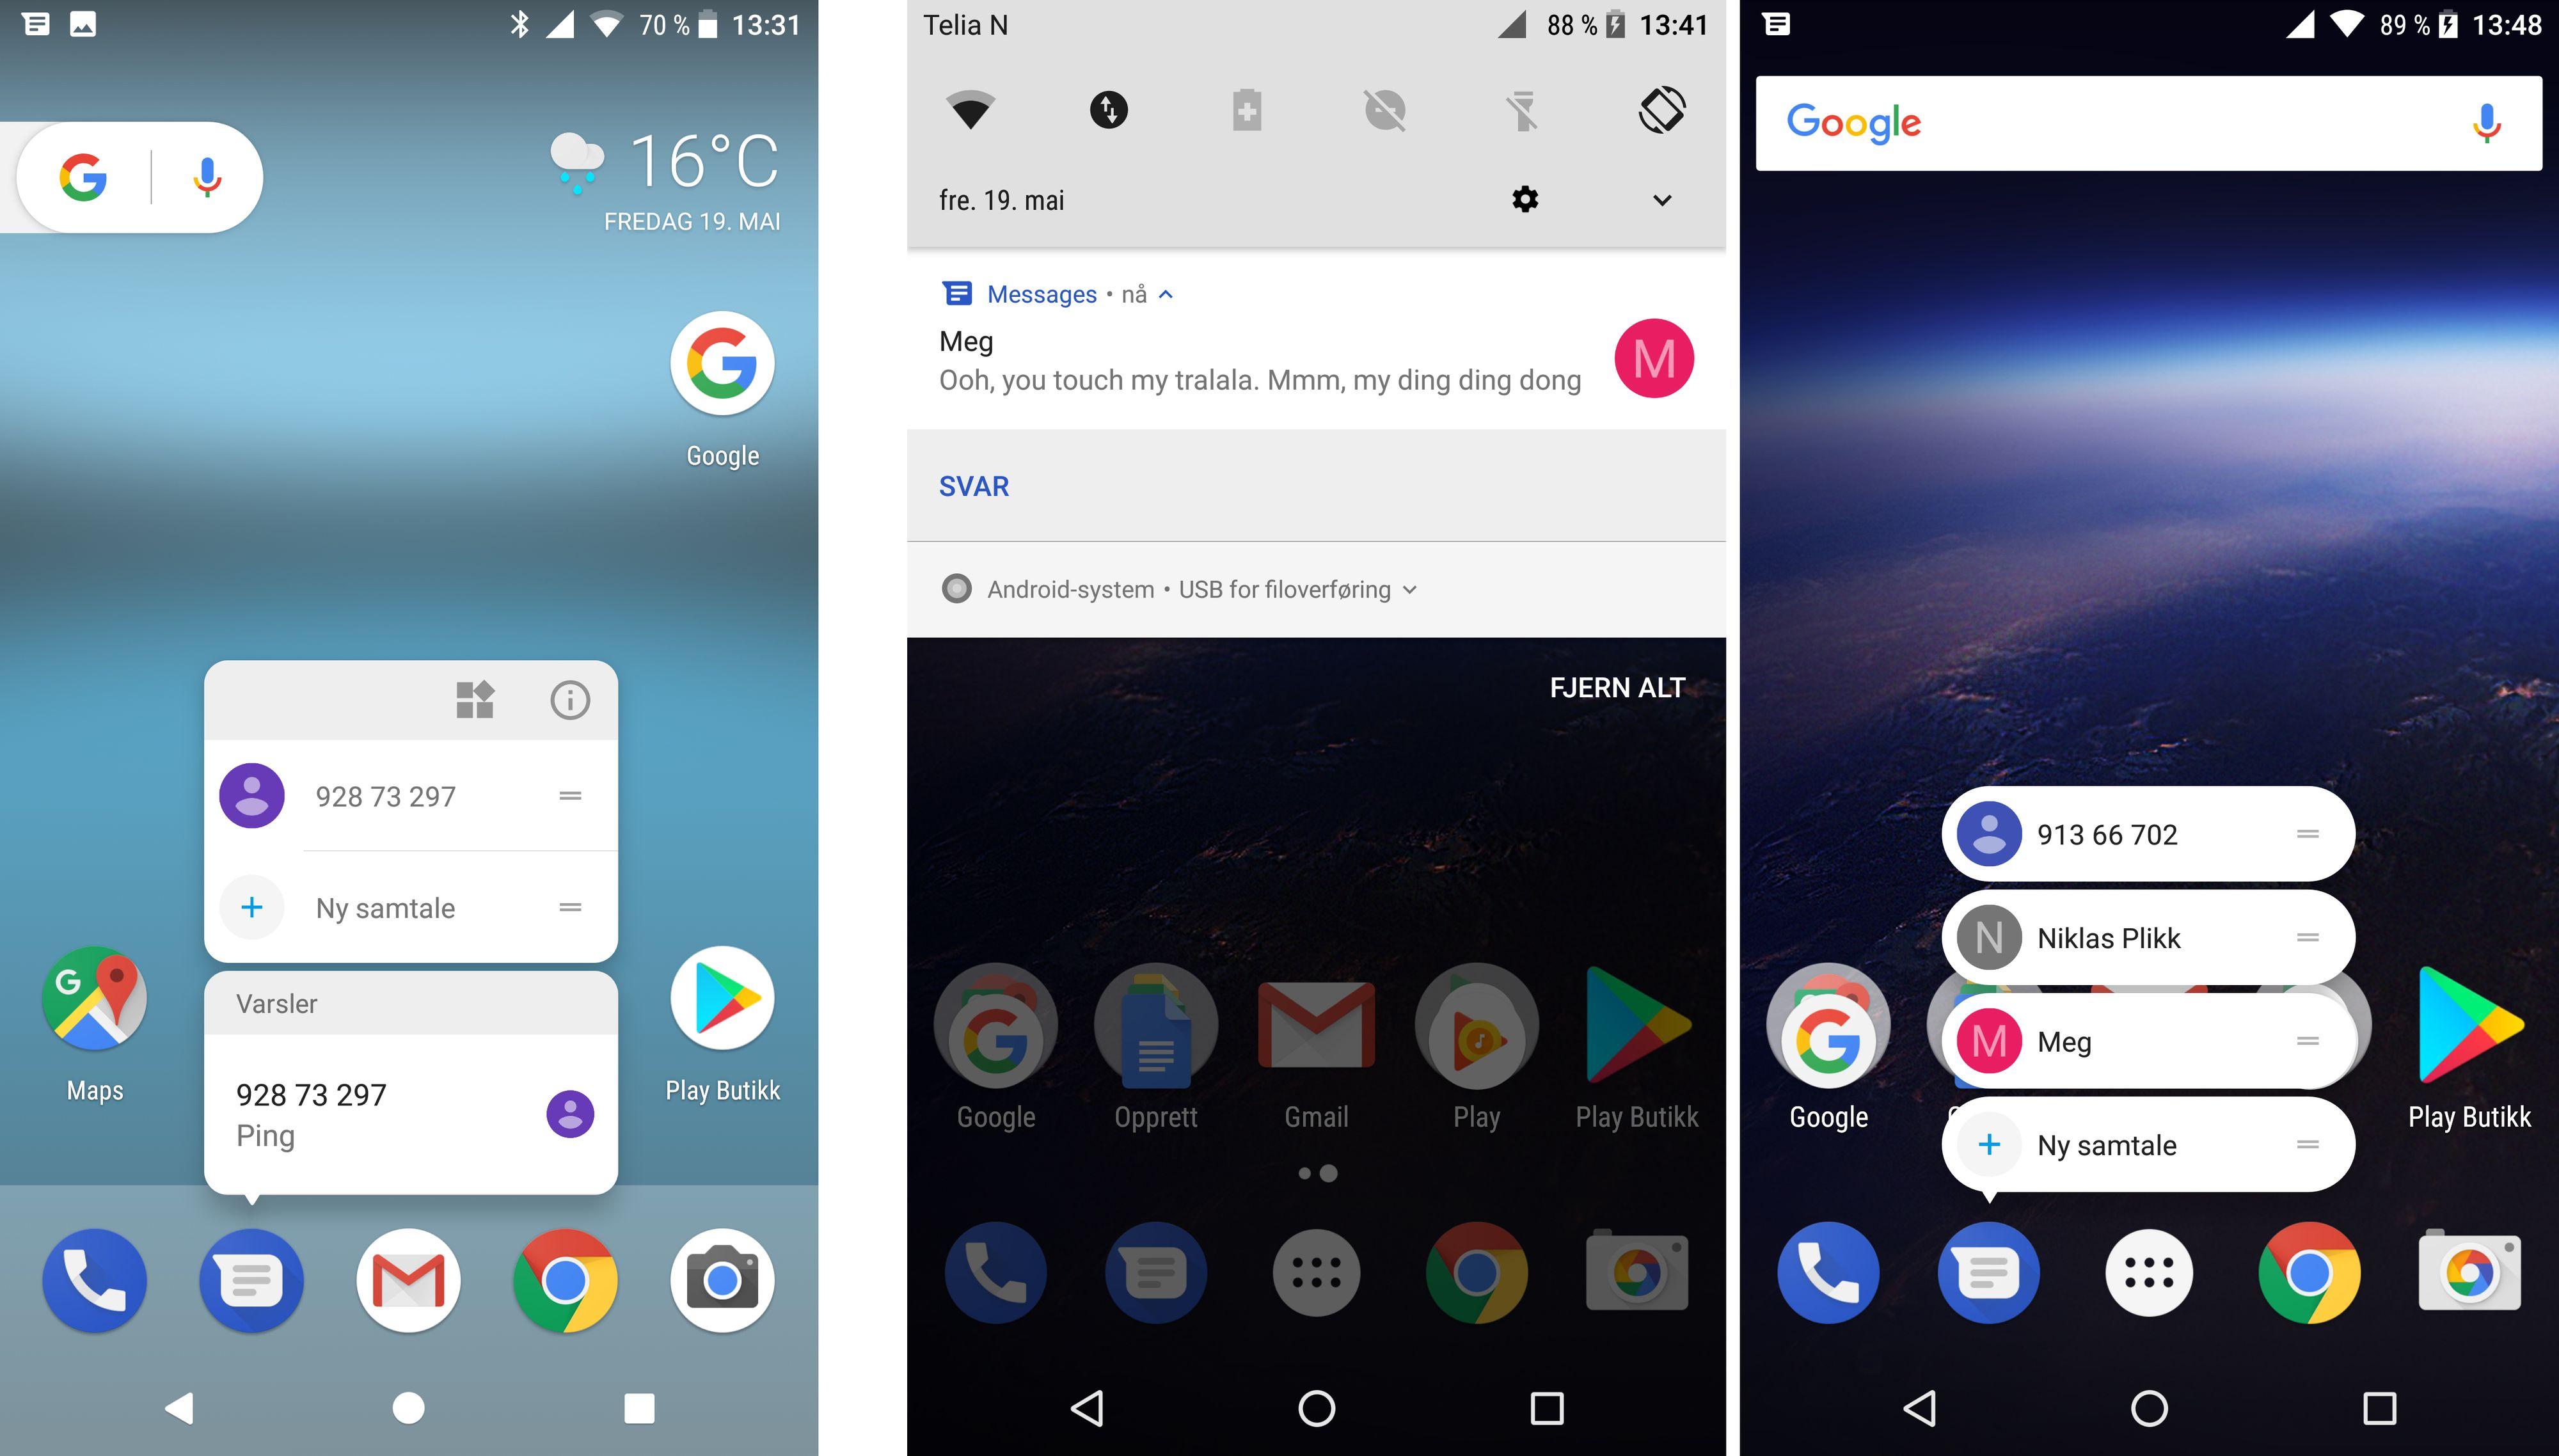 Til venstre en Google Pixel XL med Android O og til høyre en Nexus 6P med samme Android-versjon. Det er altså ulikheter i hvordan versjonene for telefonene oppfører seg. Her må man ha en Pixel for å få forhåndsvisninger om man holder fingeren på appikonet. Bilde: Finn Jarle Kvalheim, Tek.no